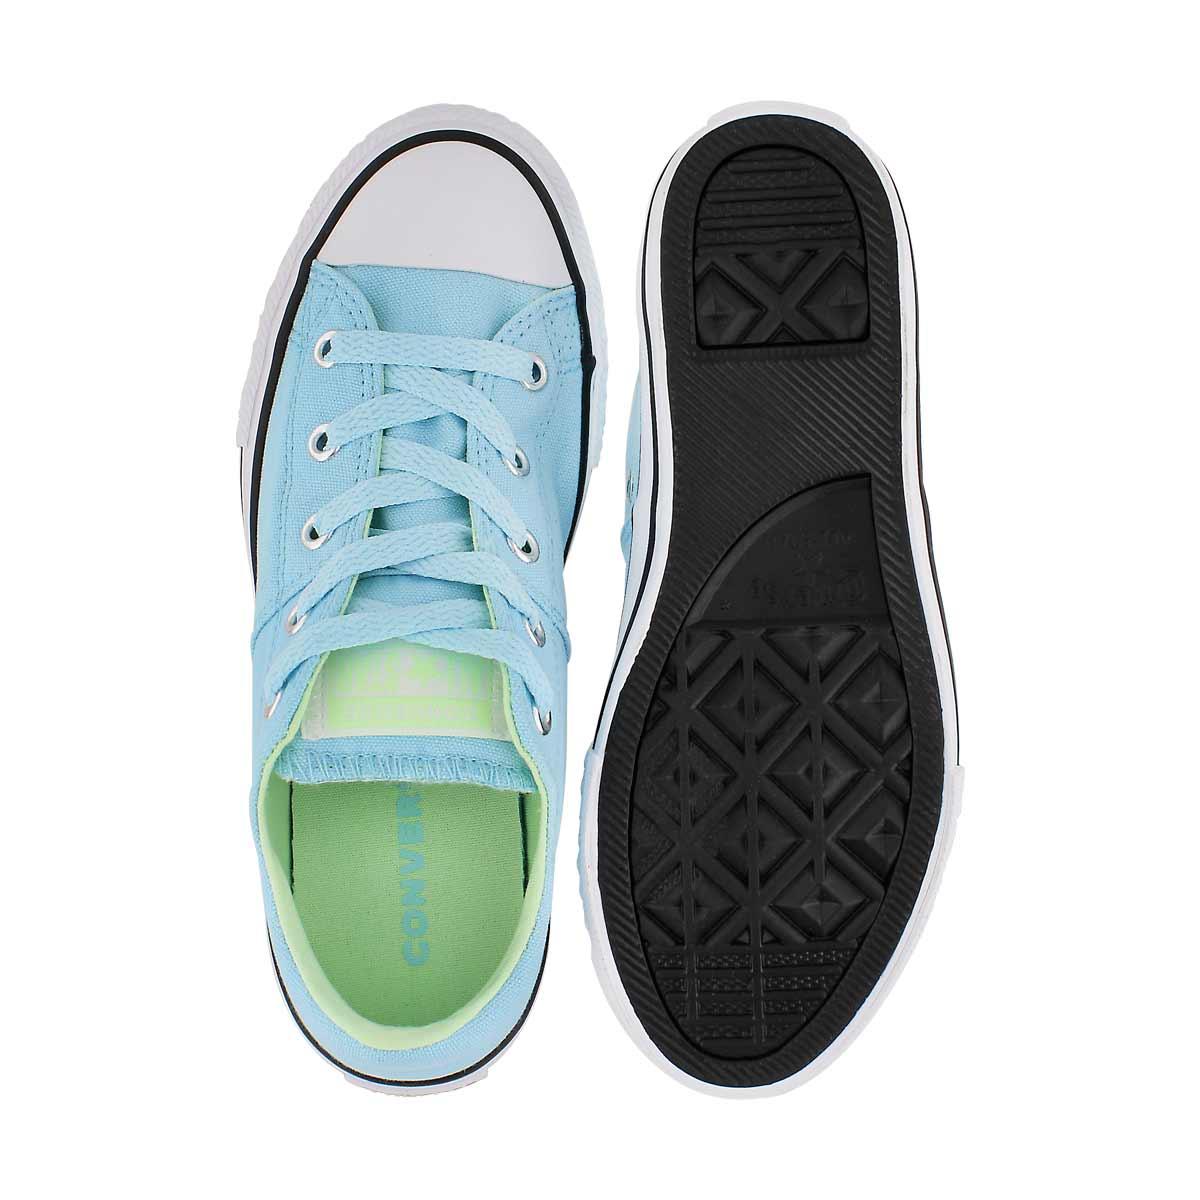 Grls CTAS Madison cyan tint sneaker